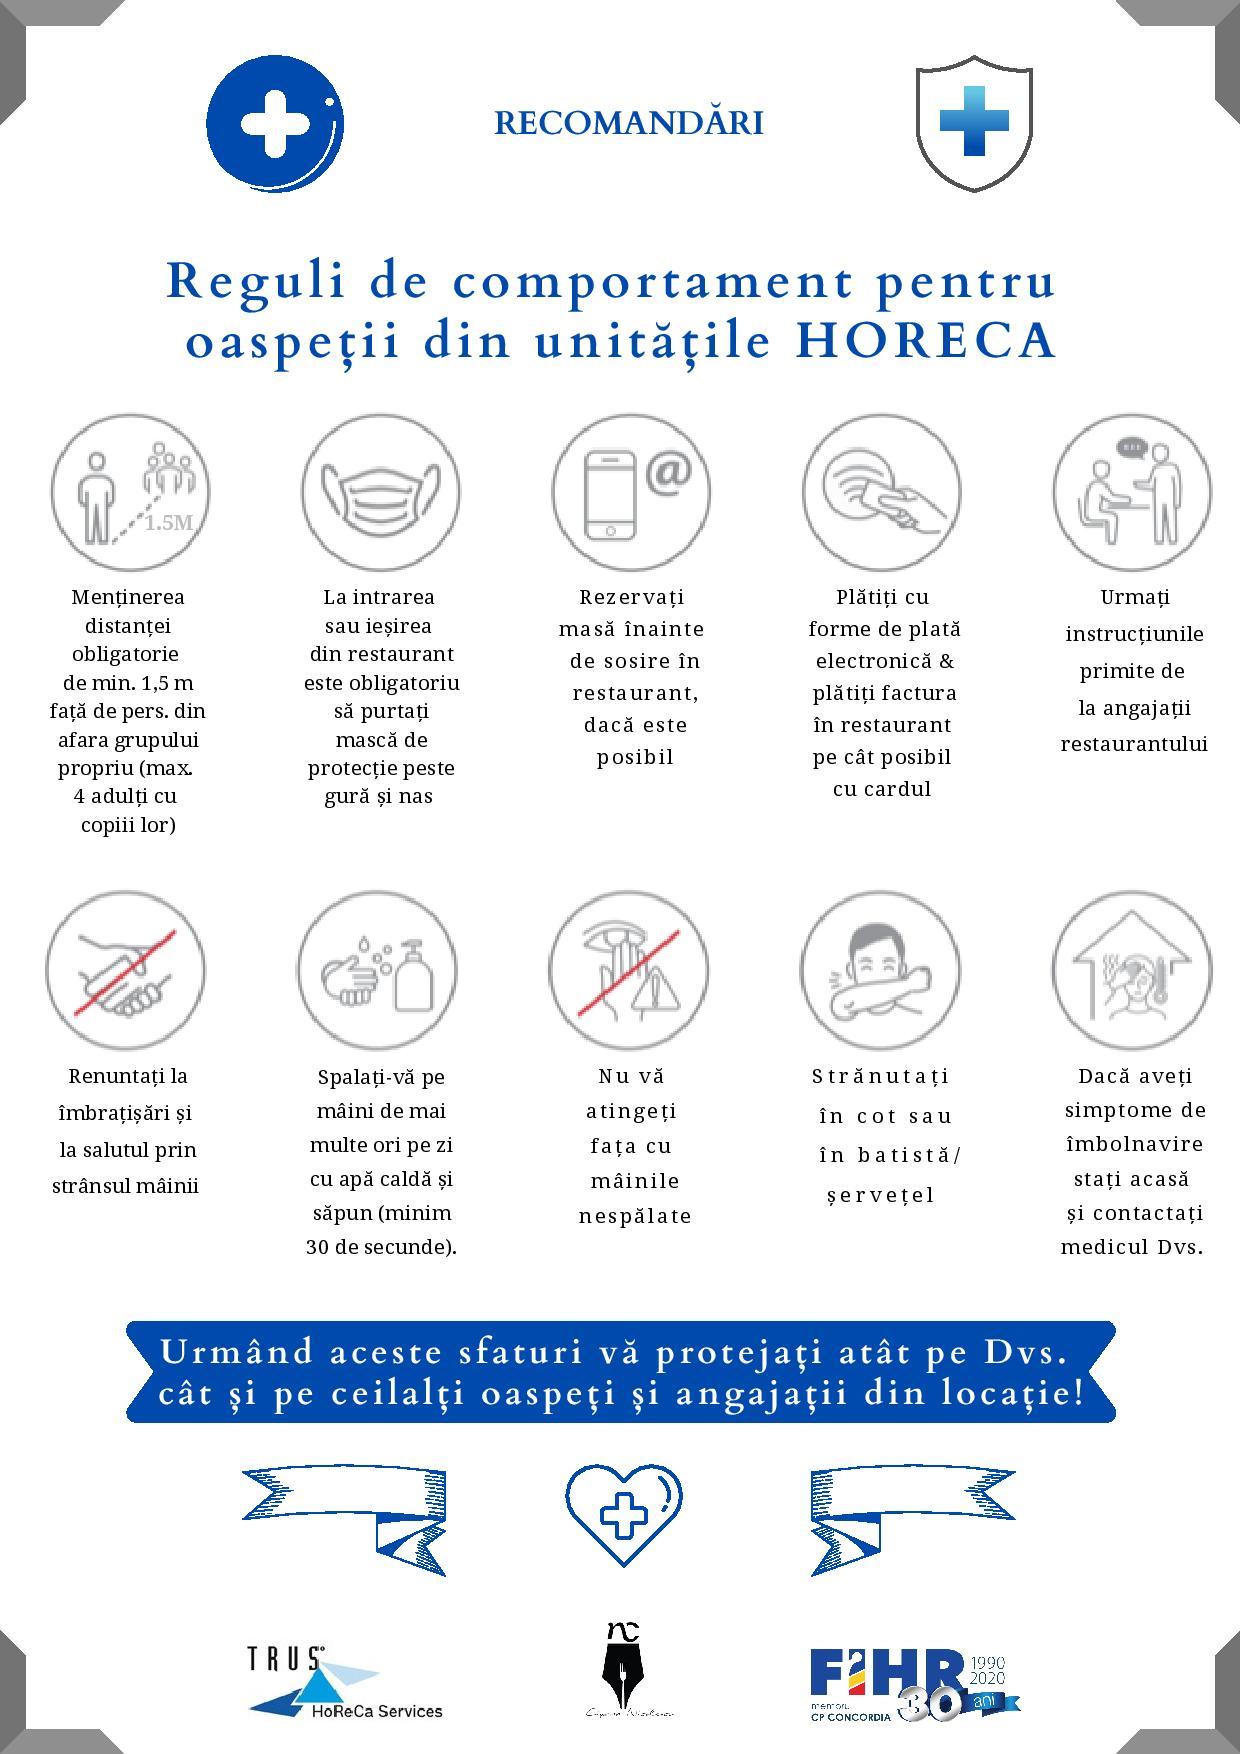 Reguli de comportament al oaspeților și angajaților & măsuri de siguranță în unități HORECA